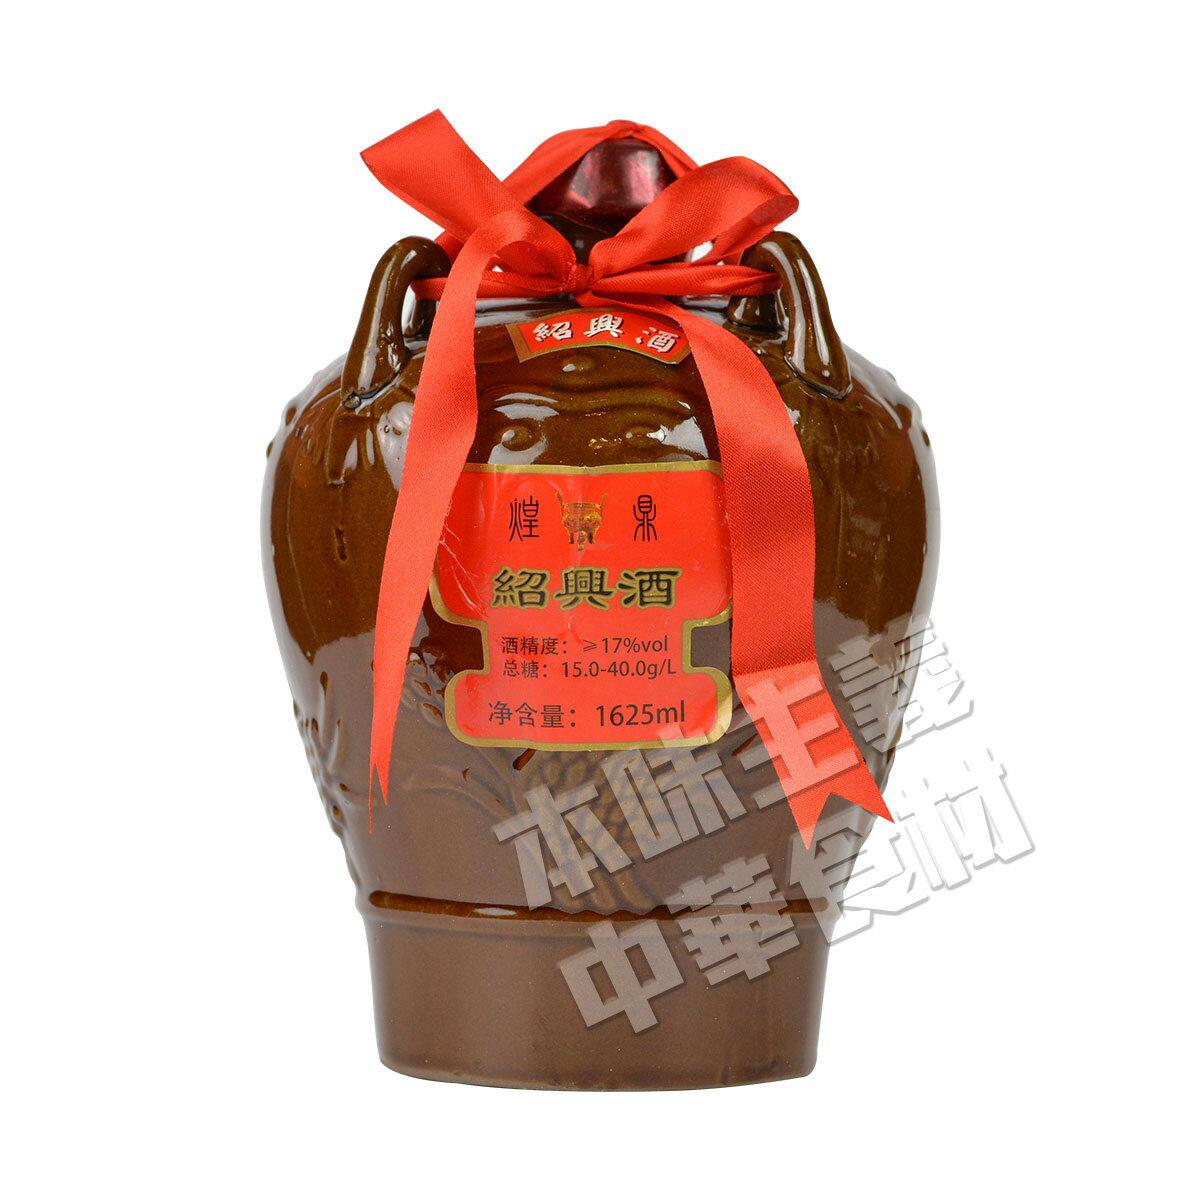 中国産 煌鼎牌陳年五年紹興花彫酒17度1625ml